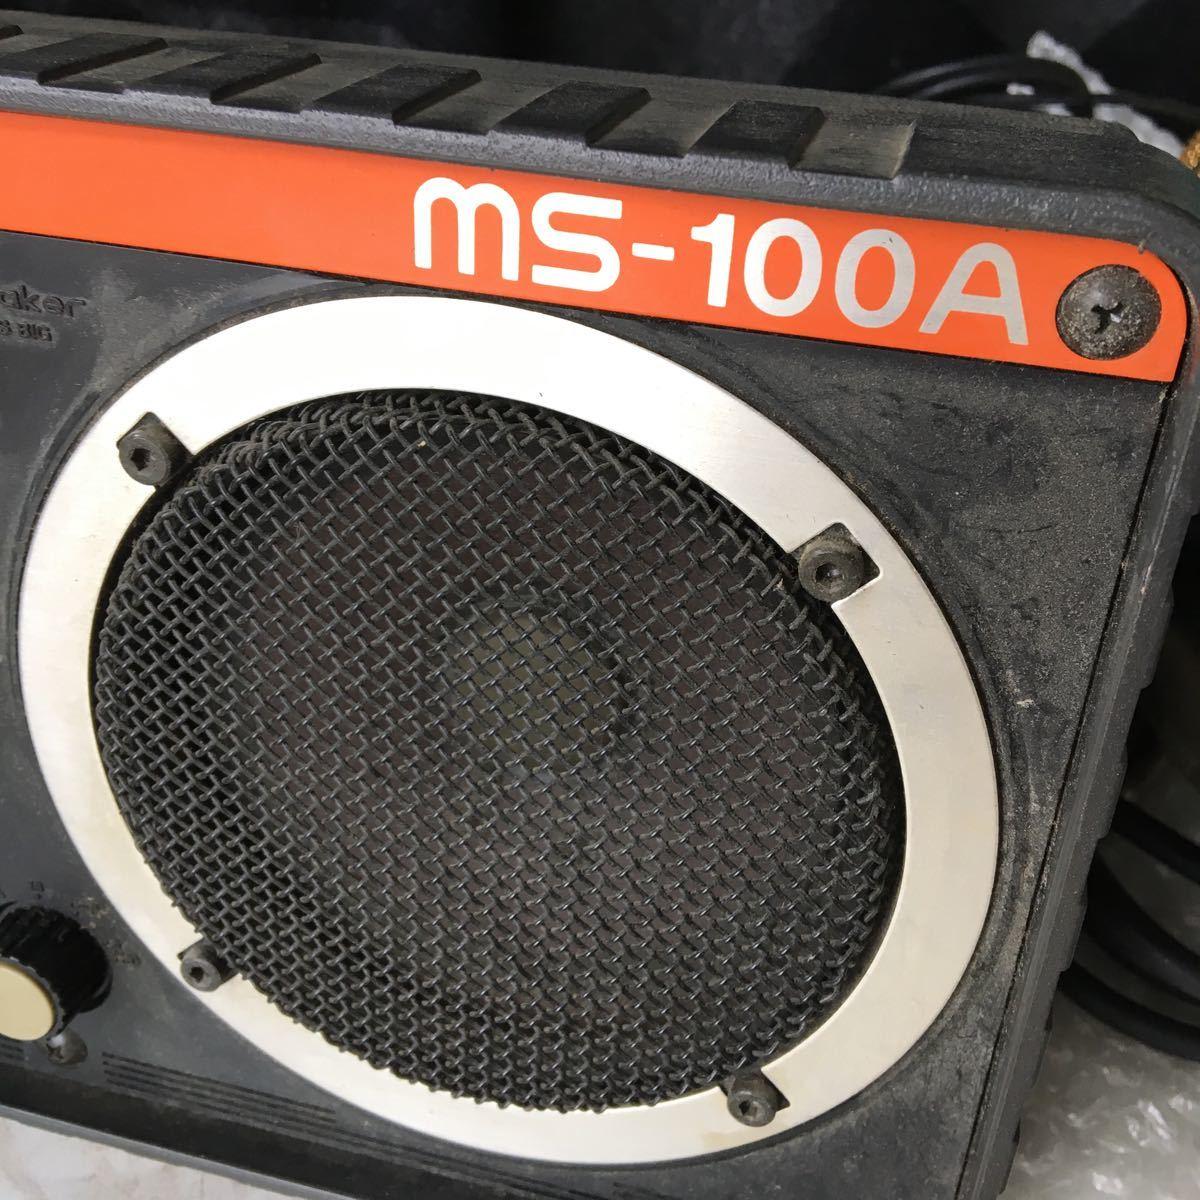 BOSS/ボス Roland 100W小型モニタースピーカー ms-100A ペアセット マイク付き 現状品_画像2